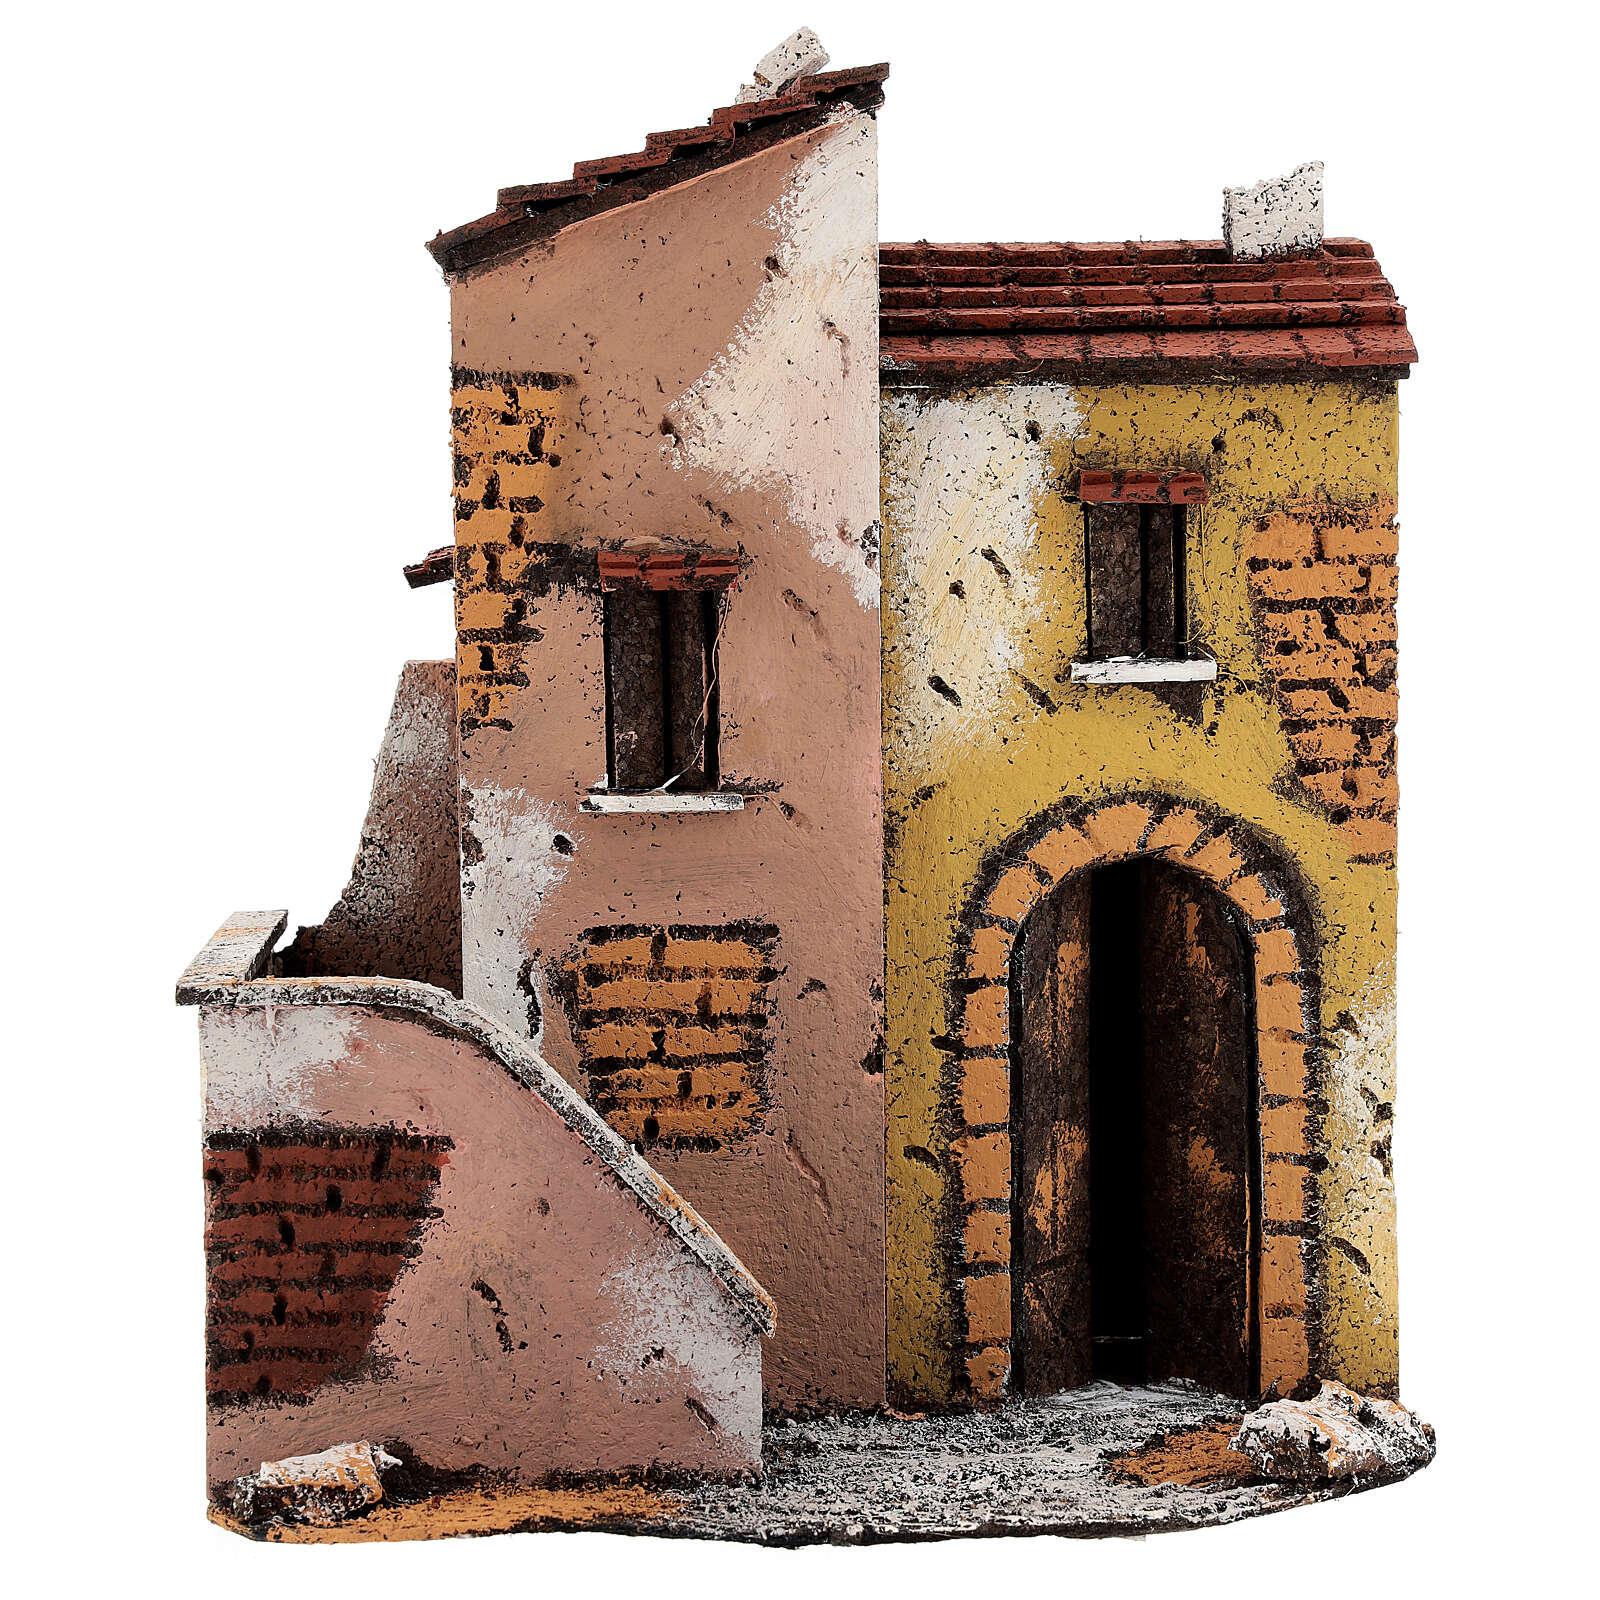 Case adiacenti presepe napoletano 25x25x15 per statue 8-10 cm 4